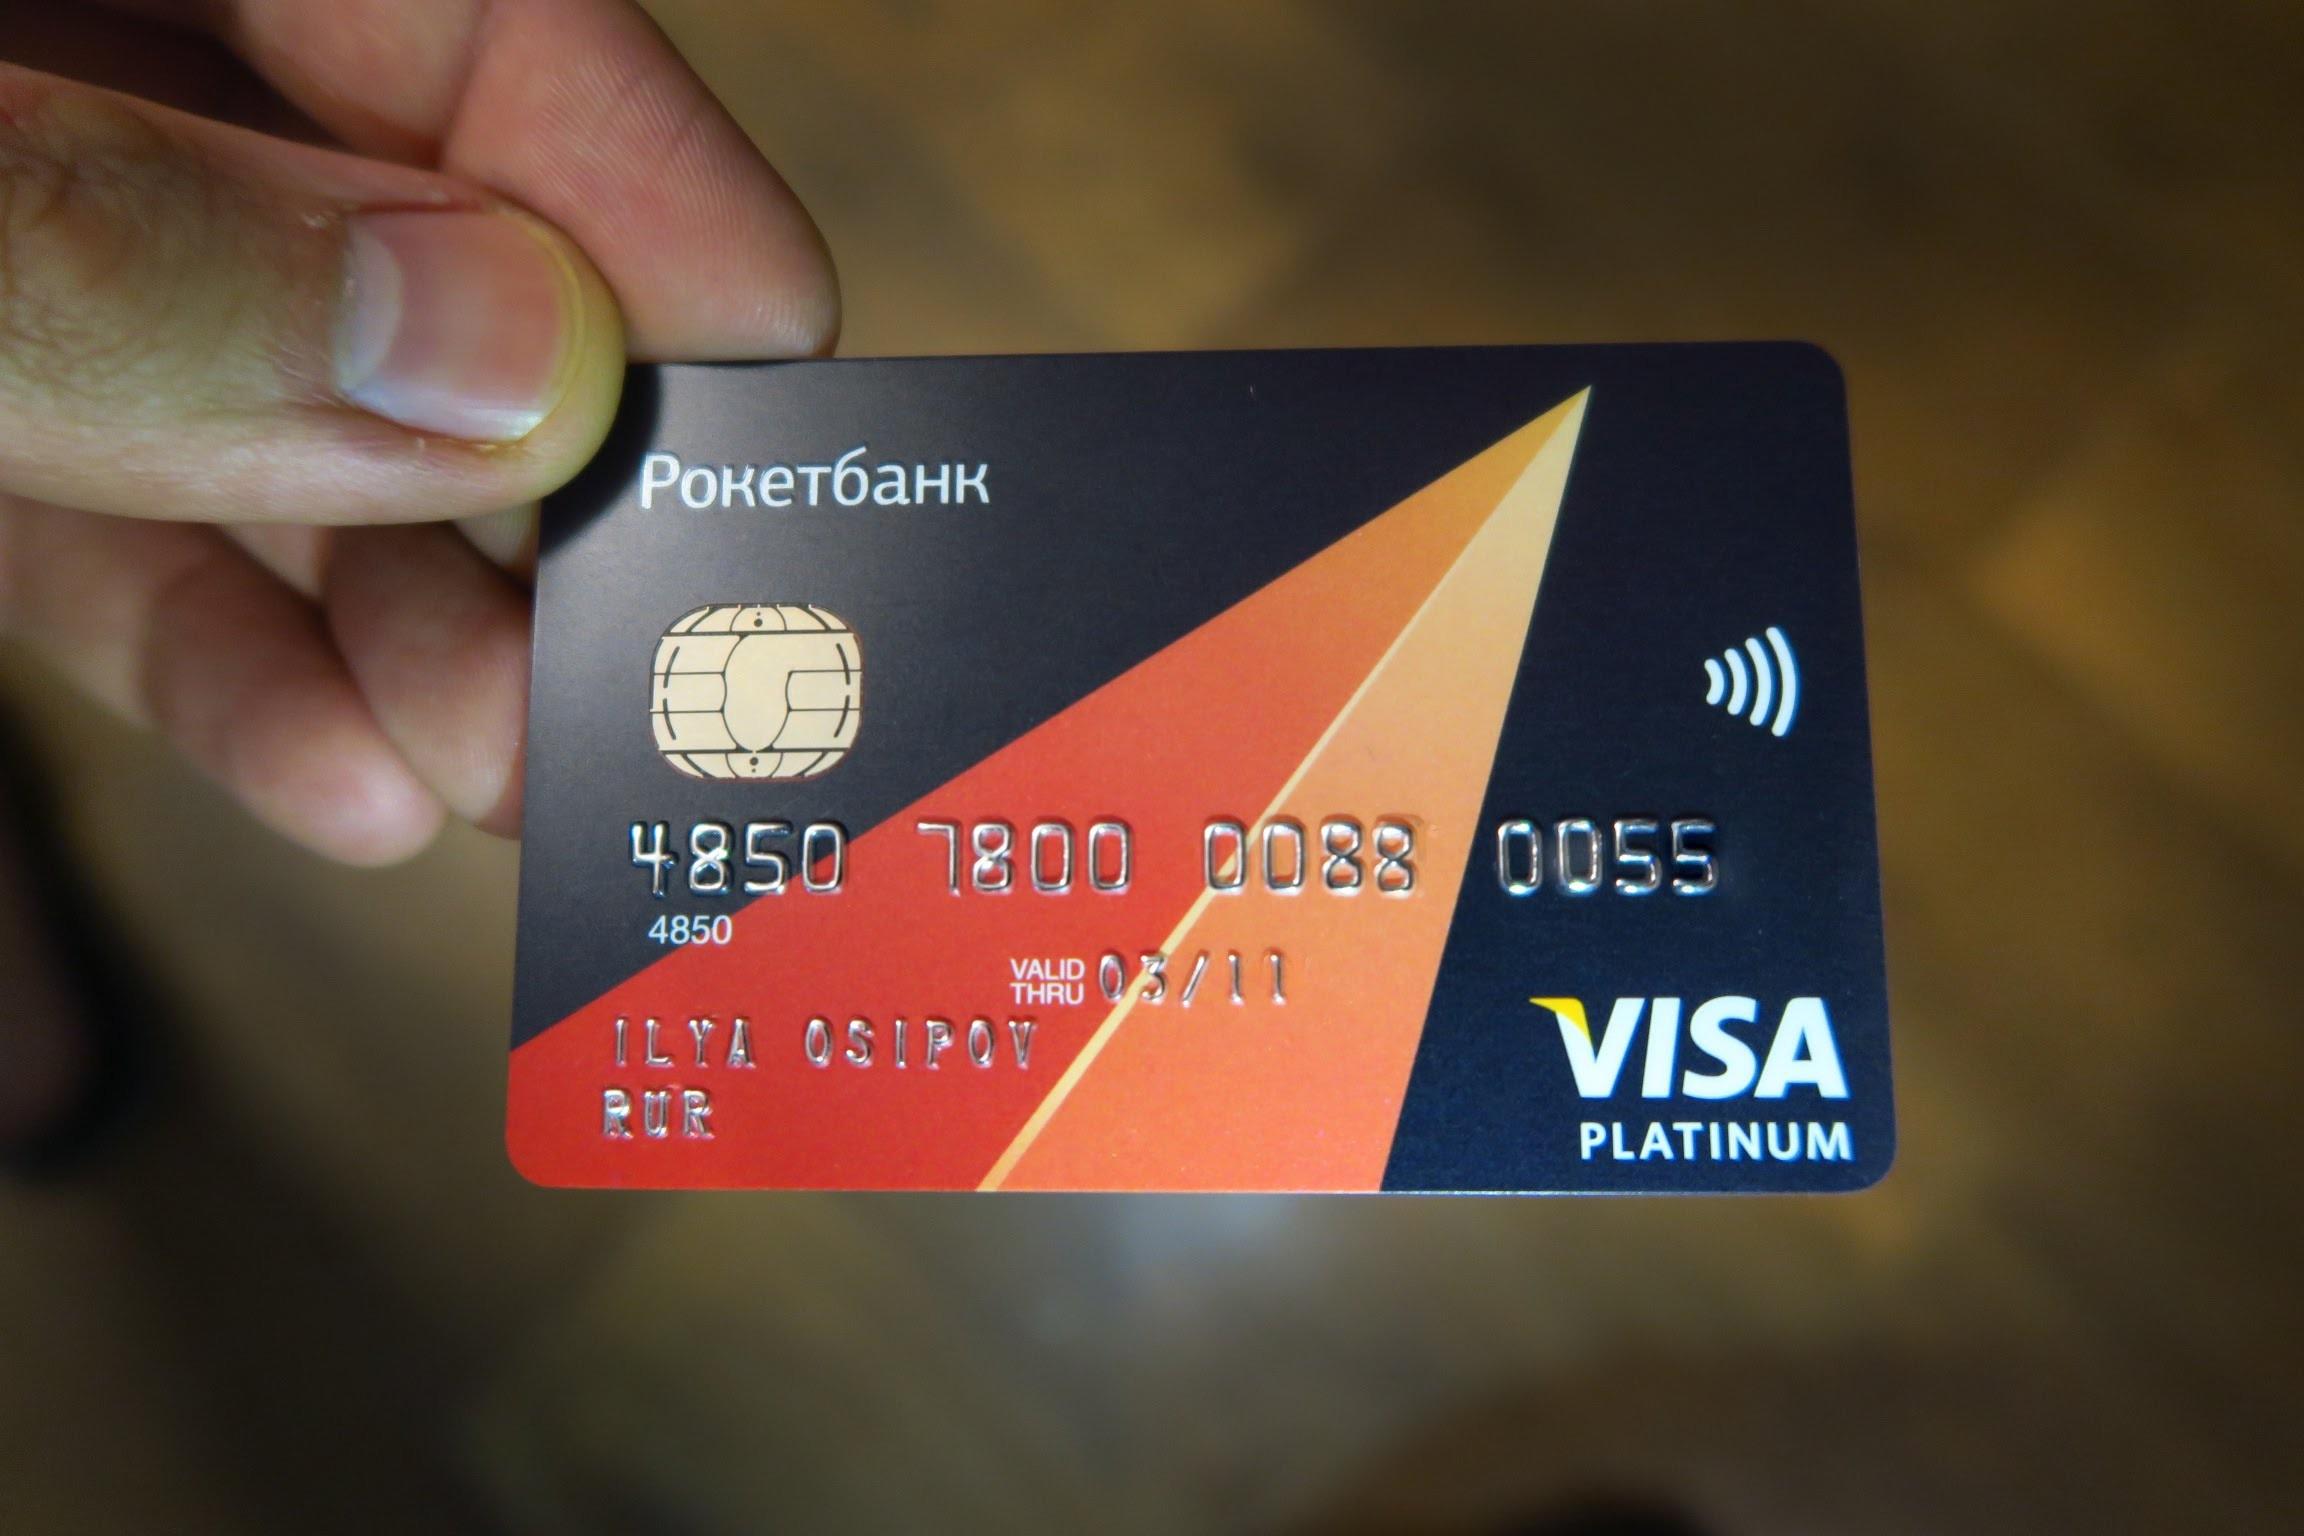 Рокетбанк призывает клиентов снять деньги с банковских карт из-за проблем у Интеркоммерца